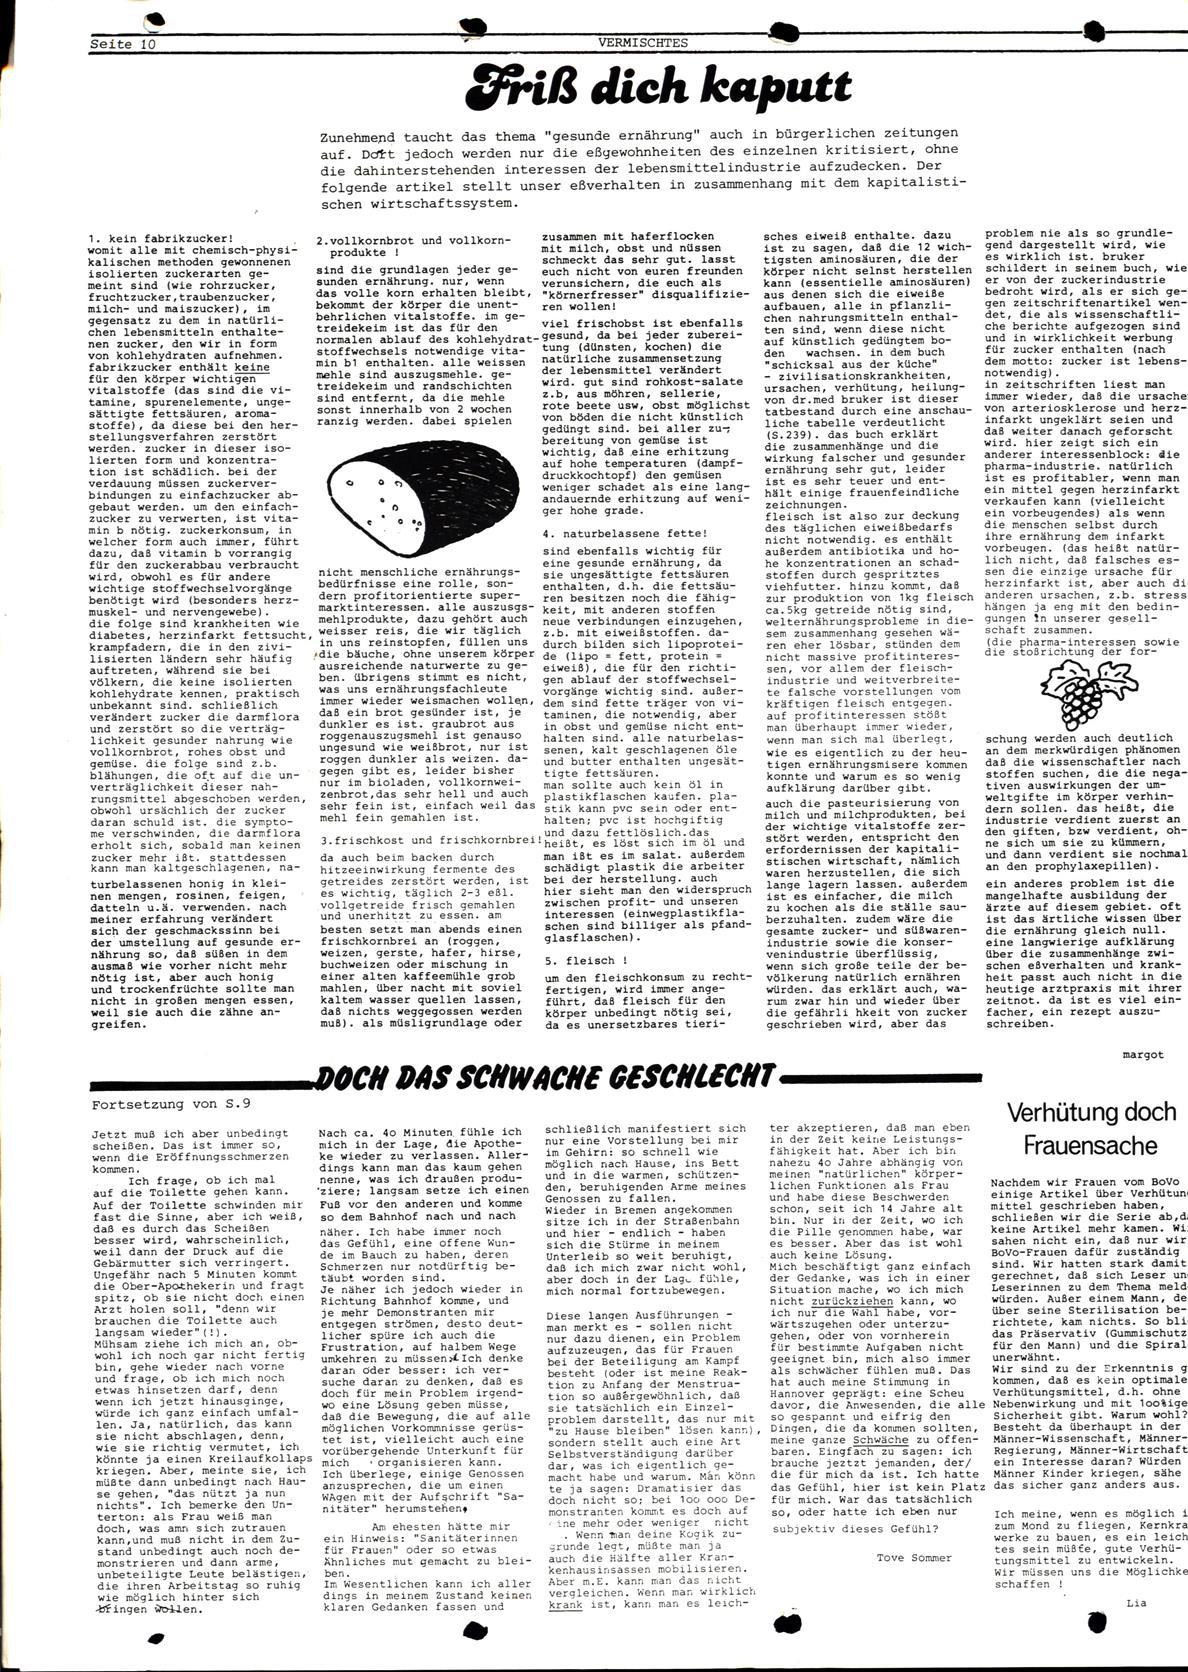 Bonner_Volksblatt_25_19790530_10